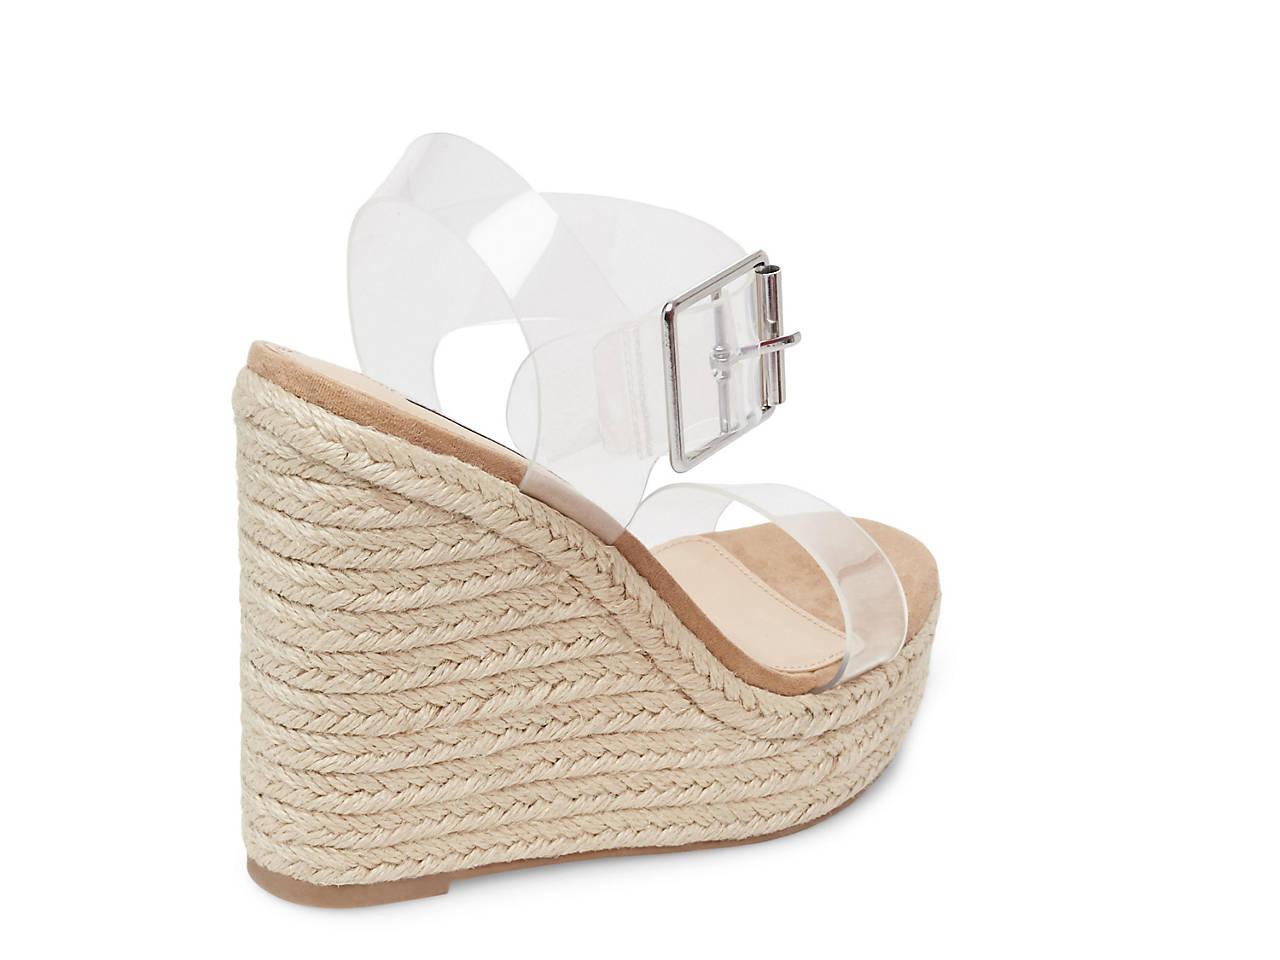 924e97e2f3a Steve Madden Splash Wedge Sandal Men s Shoes